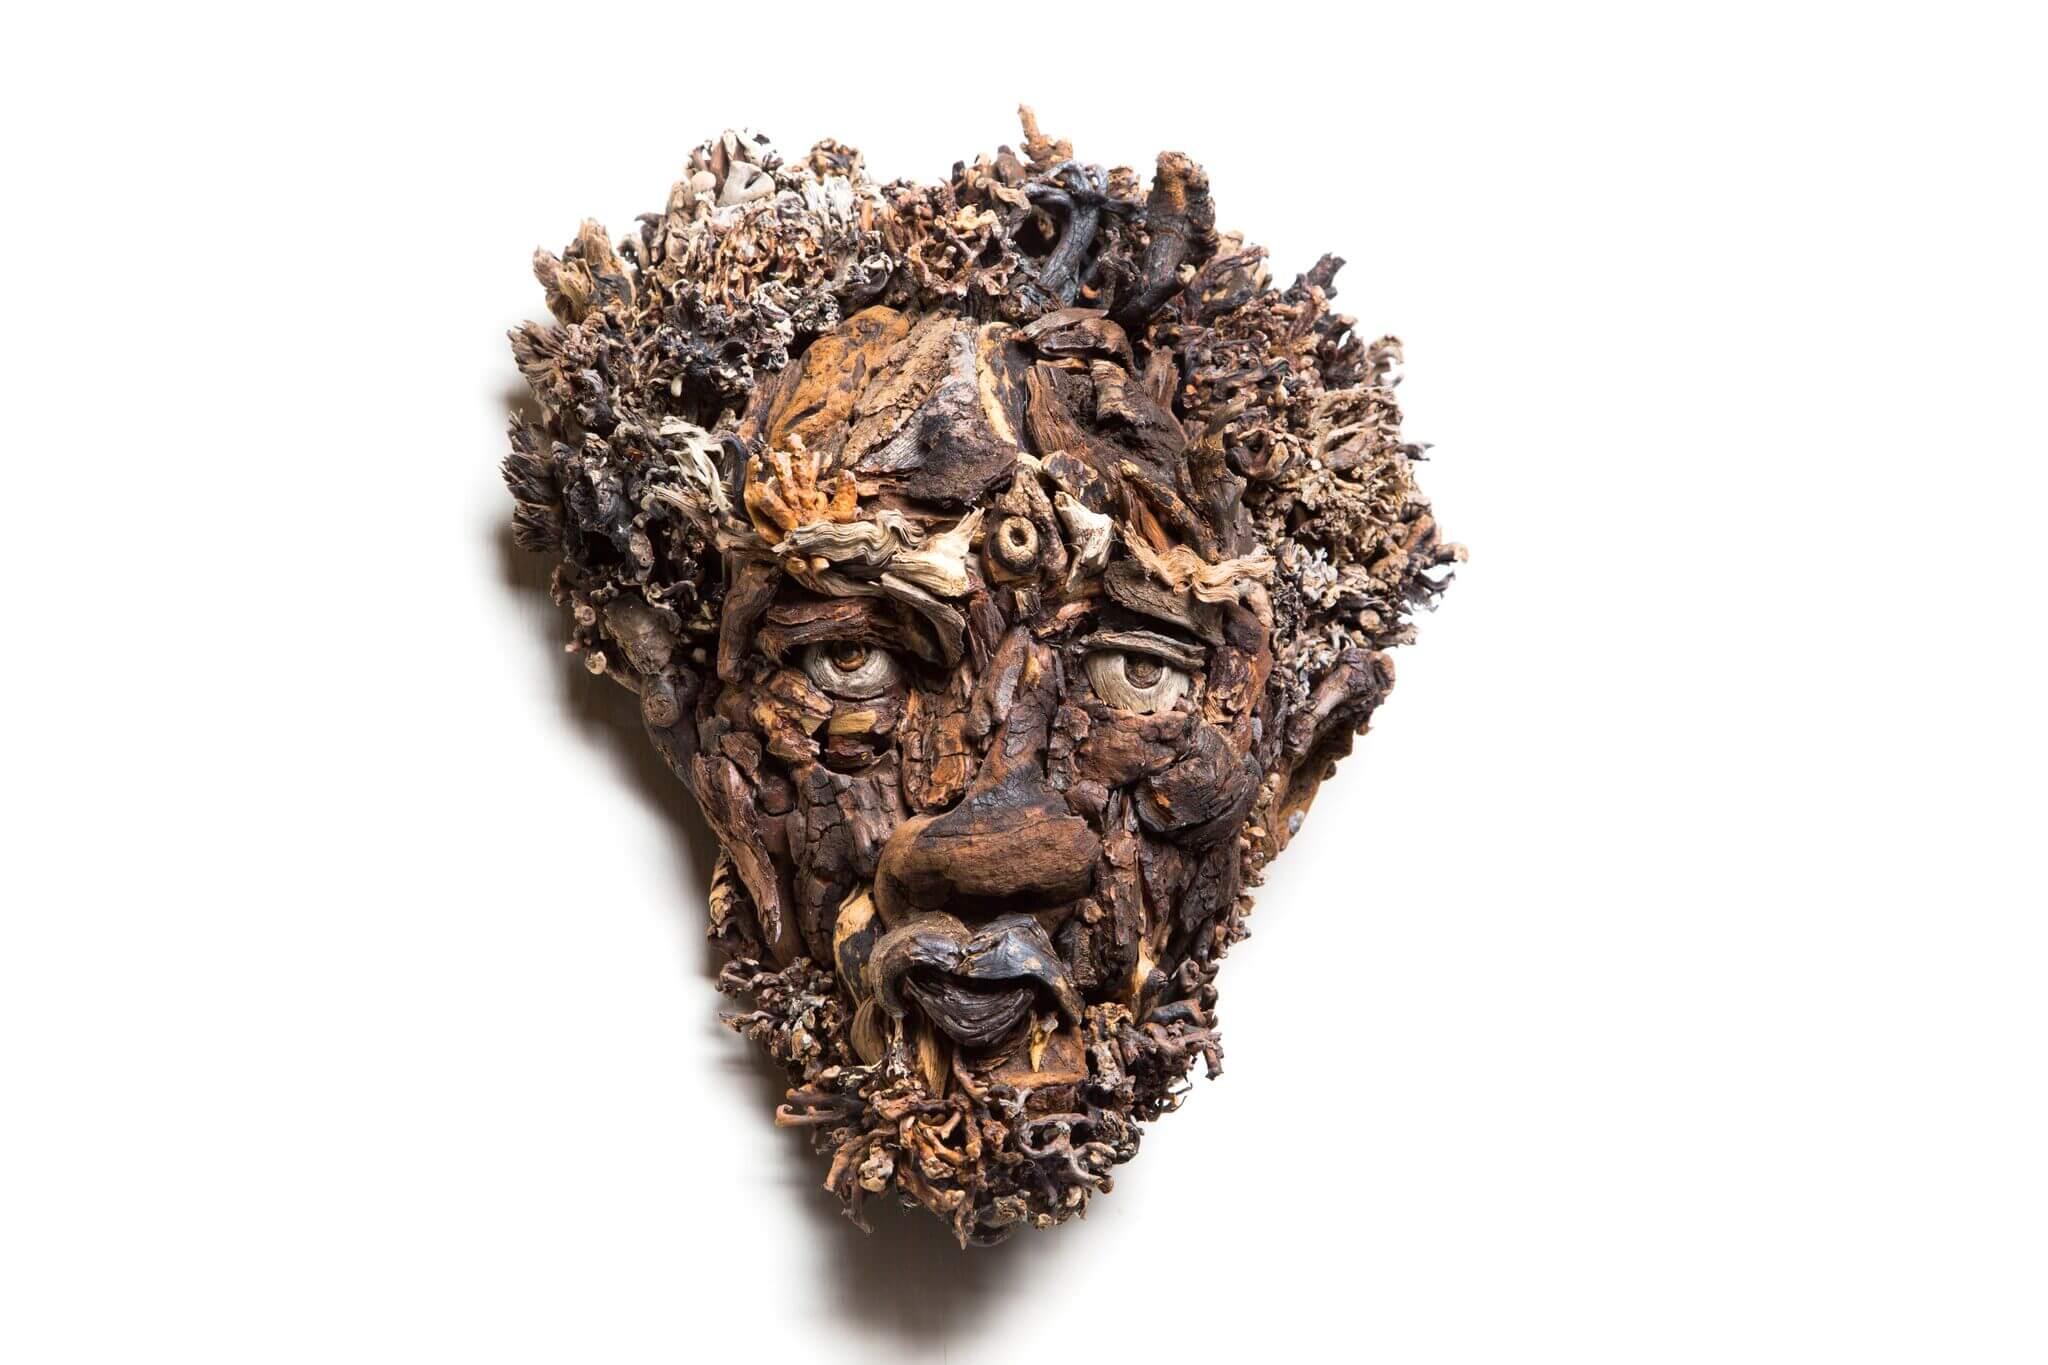 Bennett Ewing wood work 13 (1)